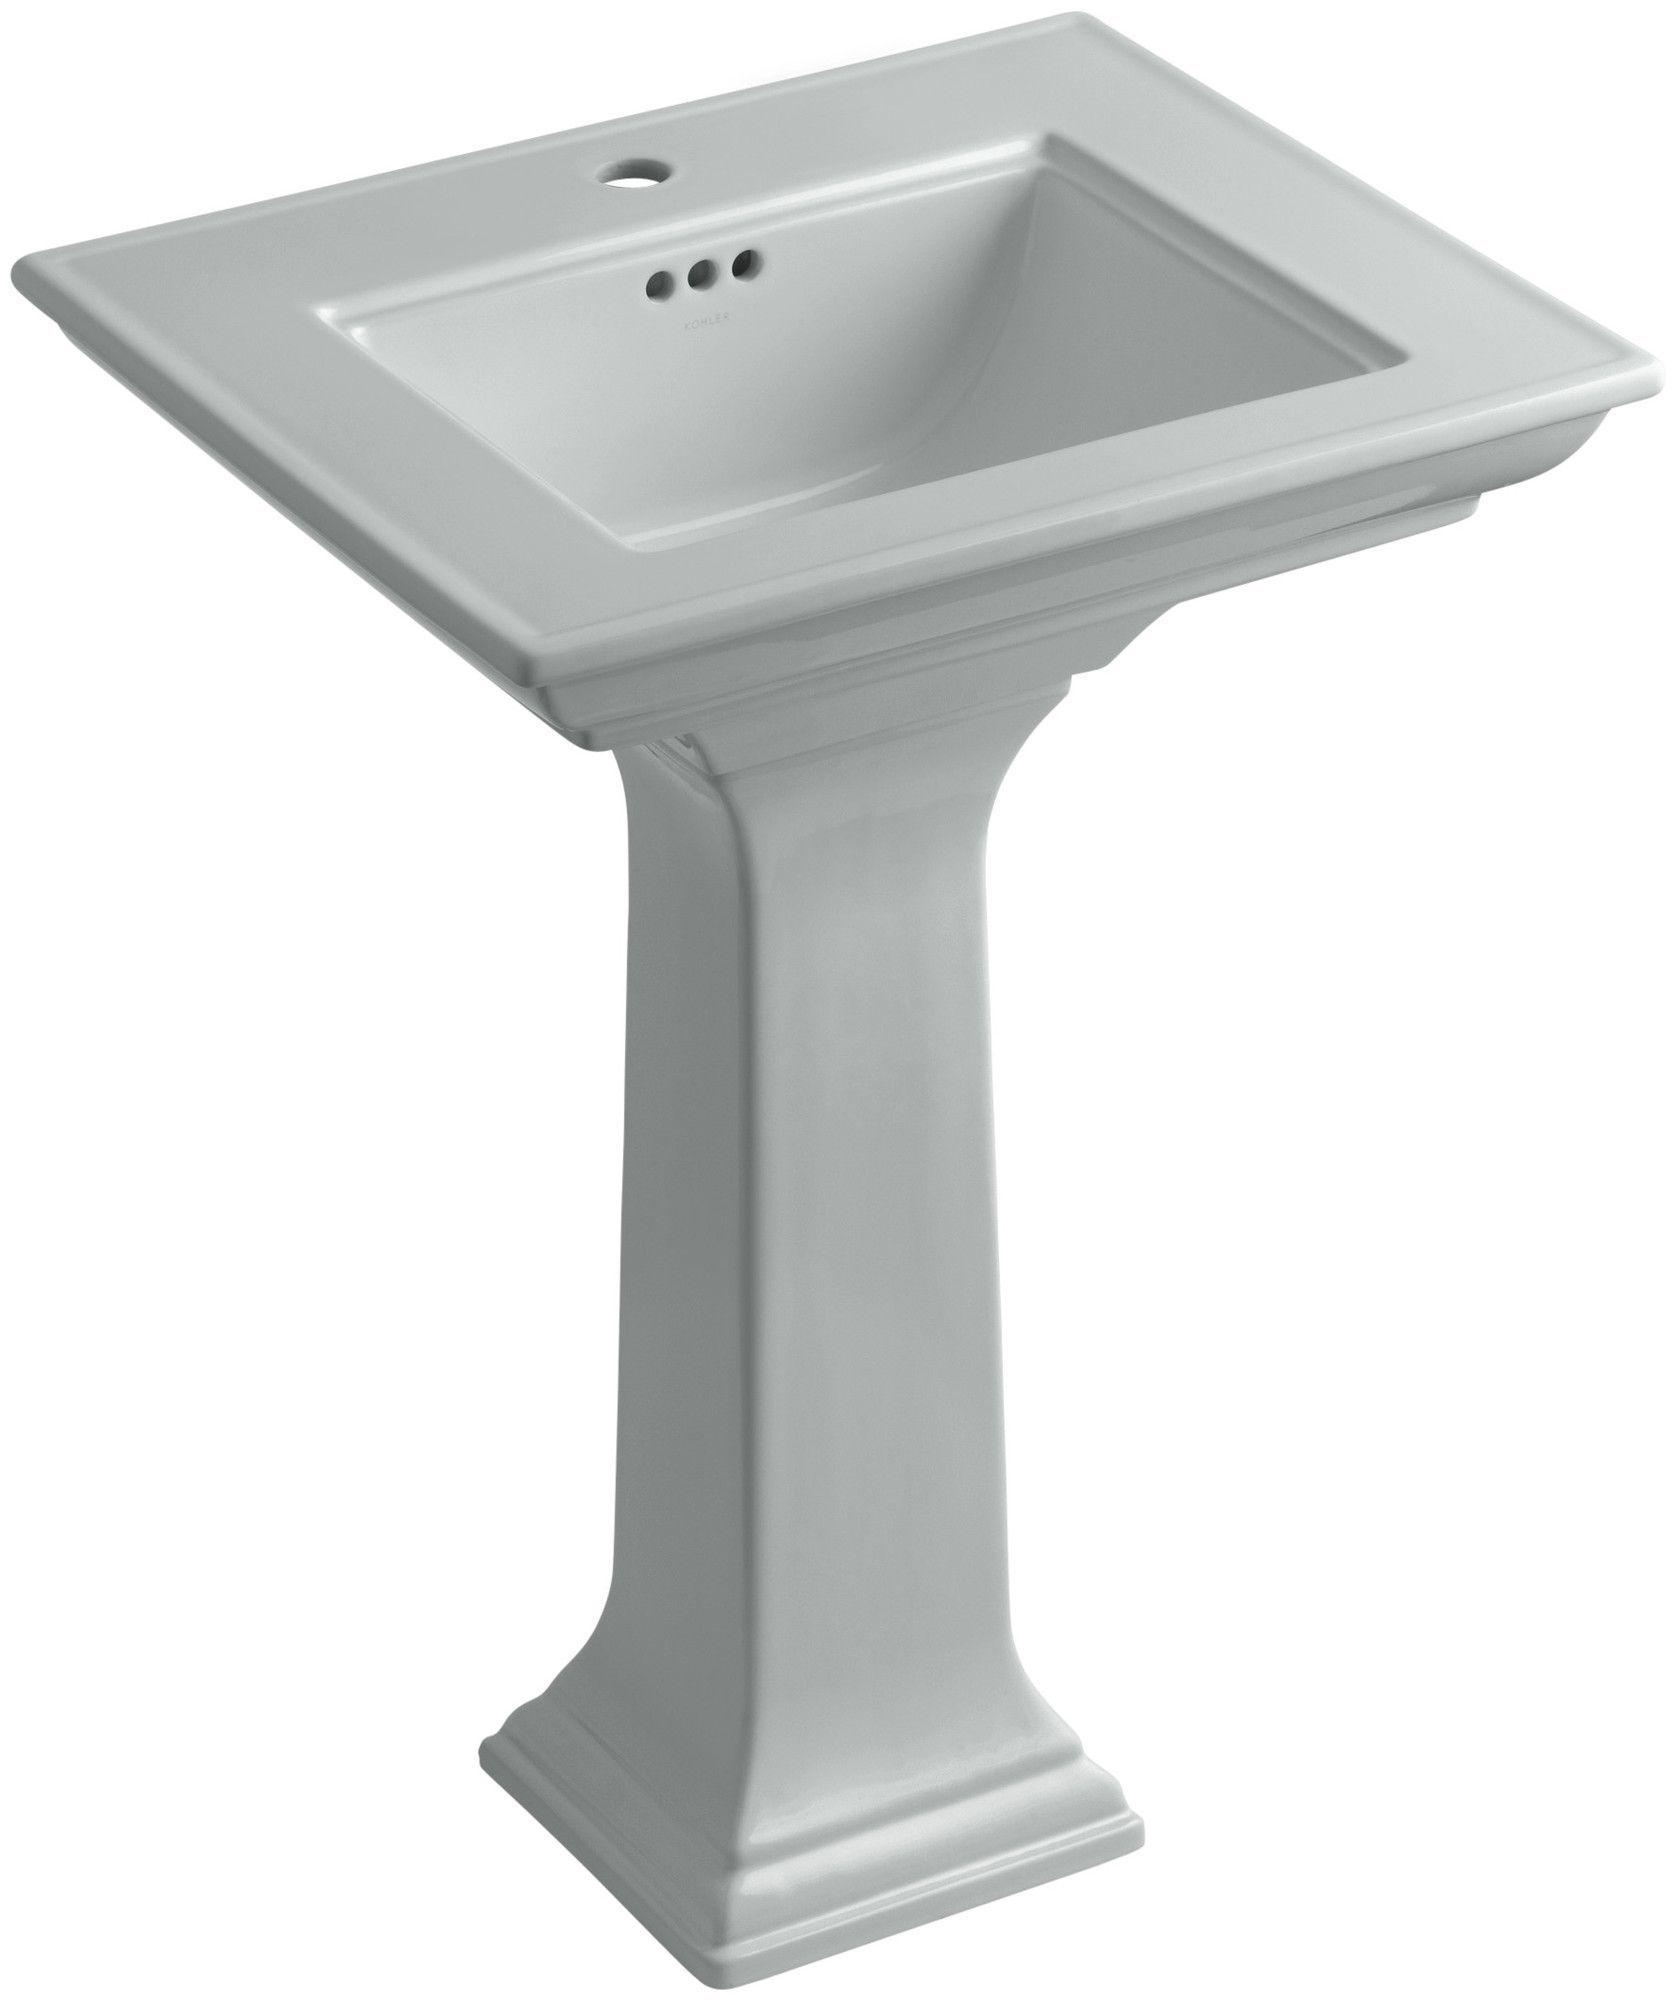 Memoirs Ceramic 25 Pedestal Bathroom Sink With Overflow